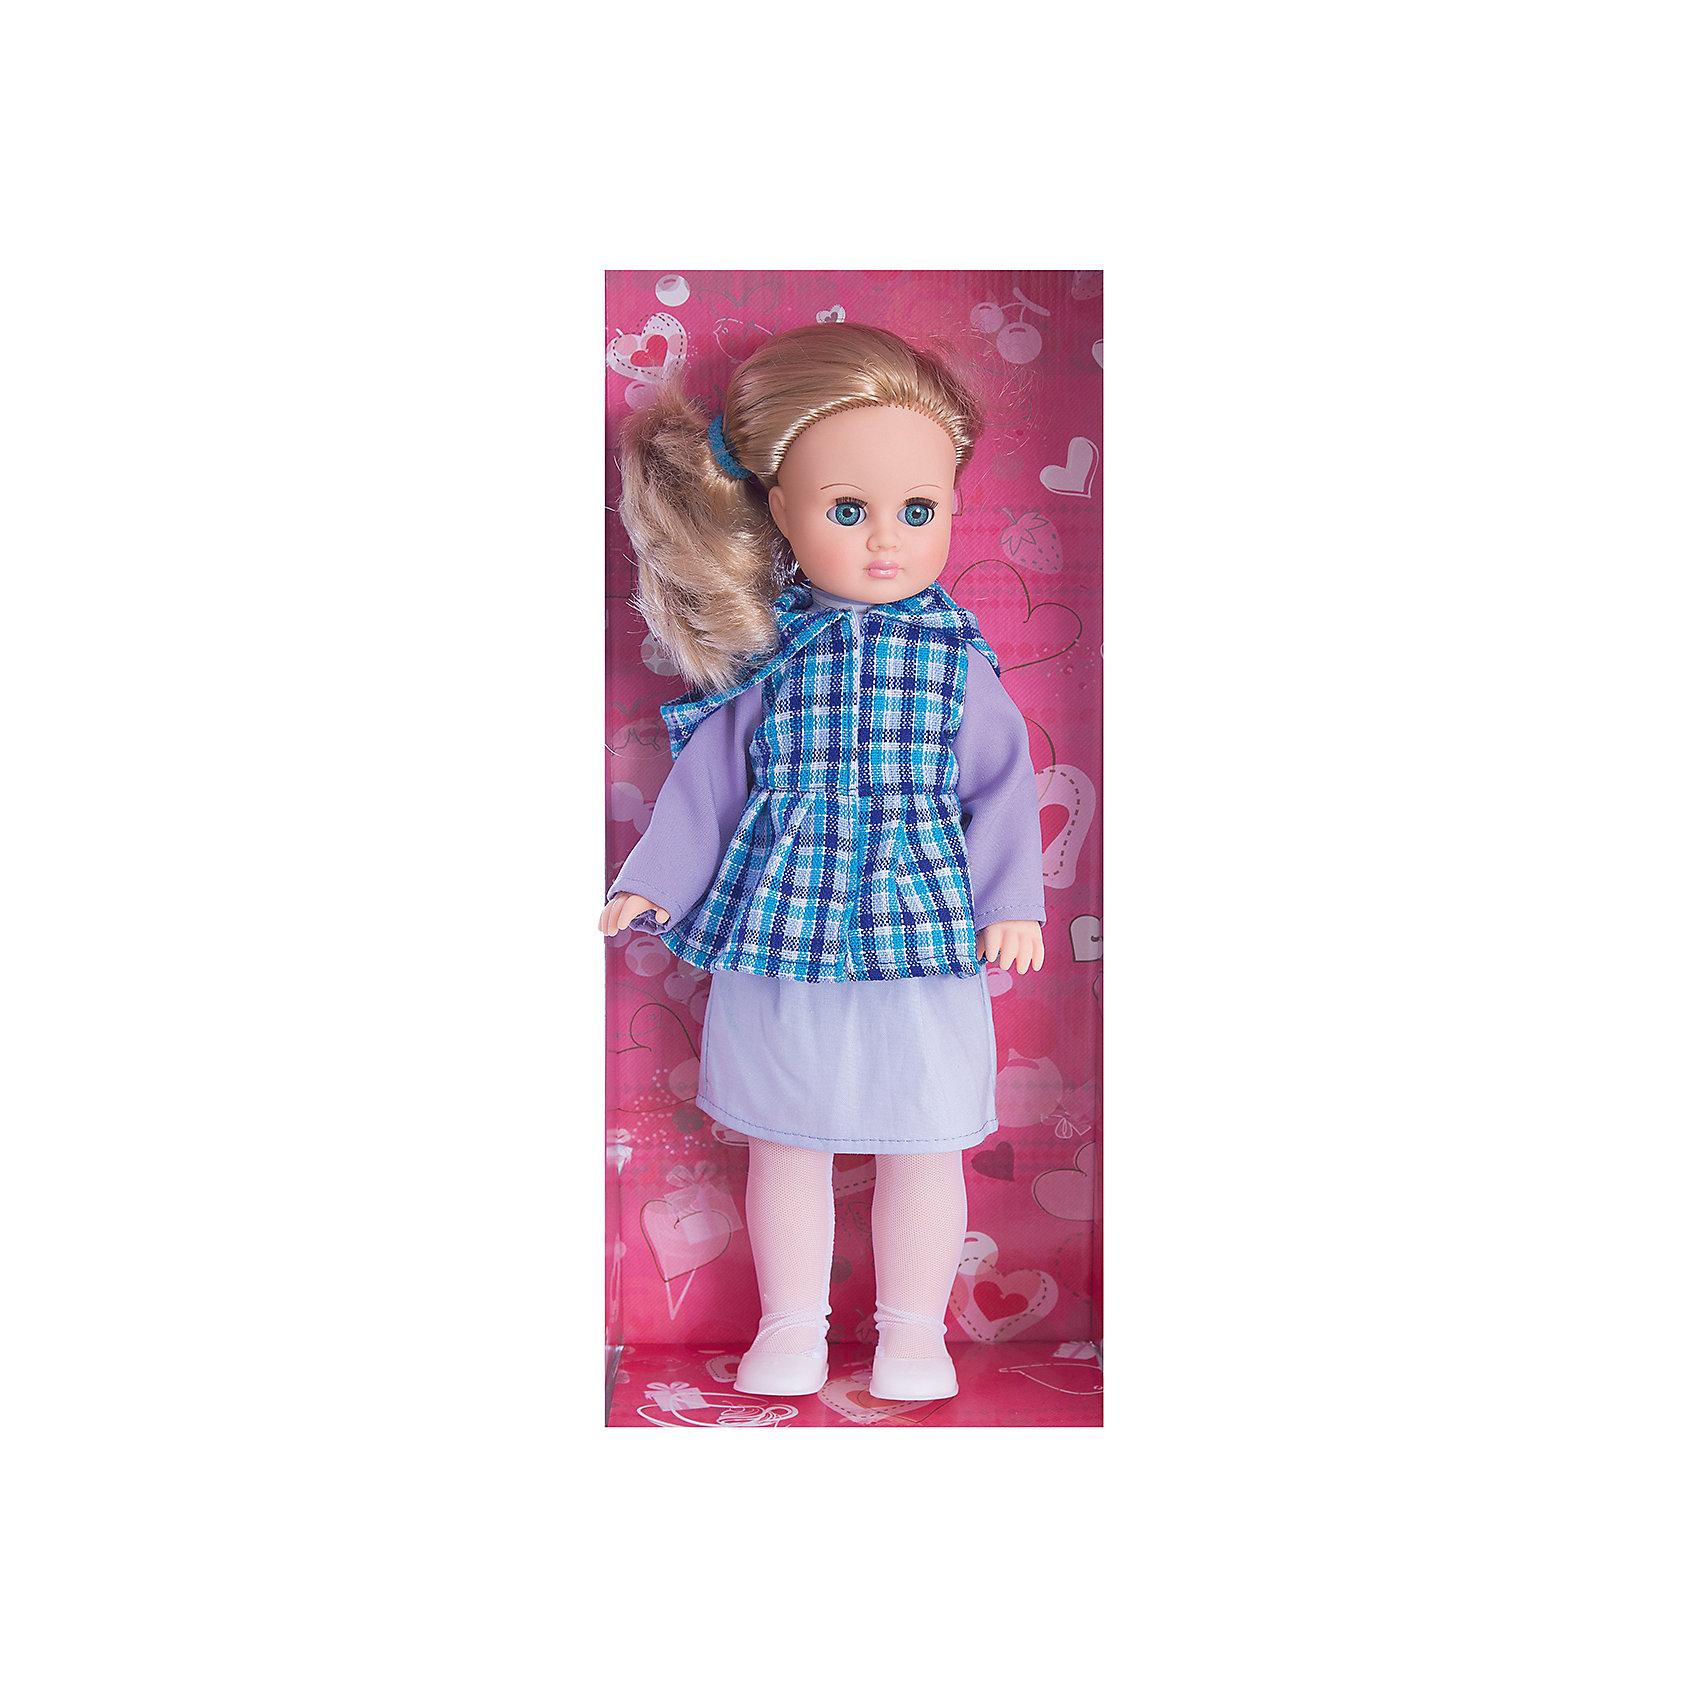 Кукла Марта 7, со звуком, 40 см, ВеснаКлассические куклы<br>Какая девочка не любит кукол?! Кукла для девочки - это не только игрушка, с которой можно весело провести время, кукла - это возможность отрабатывать навыки поведения в обществе, учиться заботе о других, делать прически и одеваться согласно моде и поводу.<br>Эта красивая классическая кукла не только эффектно выглядит, она дополнена звуковым модулем! Игрушка модно одета и снабжена аксессуарами. Такая кукла запросто может стать самой любимой игрушкой! Произведена из безопасных для ребенка и качественных материалов.<br><br>Дополнительная информация:<br><br>цвет: разноцветный;<br>материал: пластик, текстиль;<br>комплектация: кукла, одежда, аксессуары;<br>высота: 40 см.<br><br>Куклу Марта 7, со звуком, 40 см, от компании Весна можно купить в нашем магазине.<br><br>Ширина мм: 420<br>Глубина мм: 170<br>Высота мм: 100<br>Вес г: 360<br>Возраст от месяцев: 36<br>Возраст до месяцев: 120<br>Пол: Женский<br>Возраст: Детский<br>SKU: 4642037